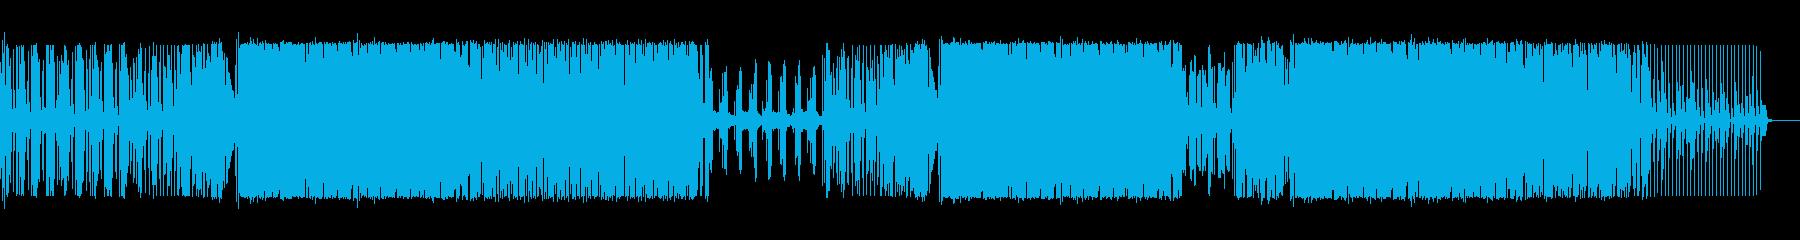 激しめのハウスの再生済みの波形